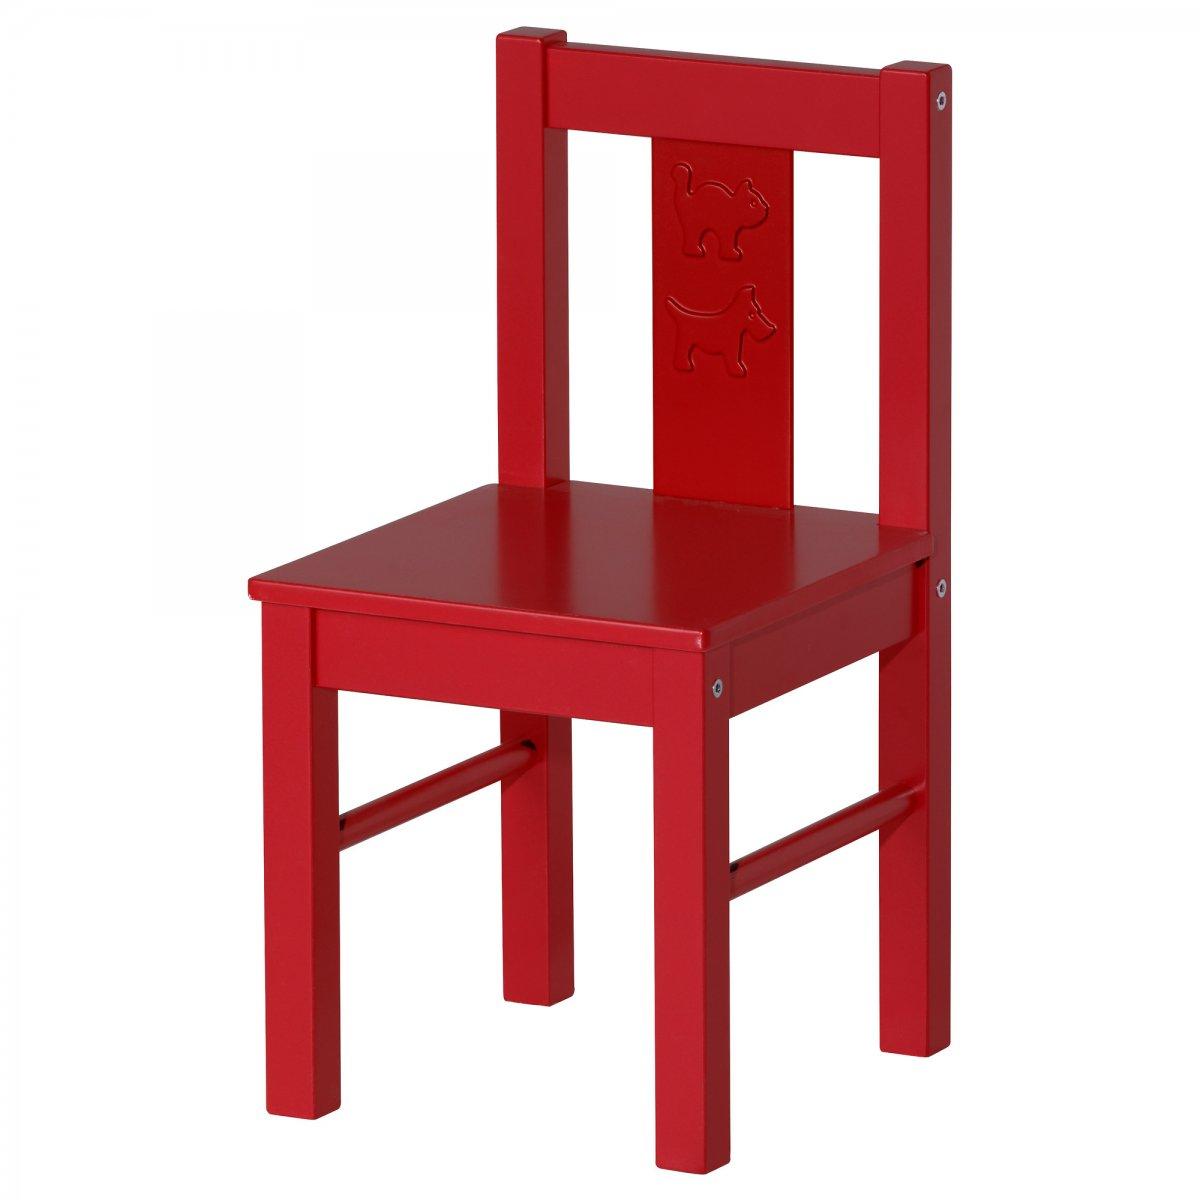 Im genes de muebles infantiles ikea mobiliario para ni os - Ikea sillas ninos ...